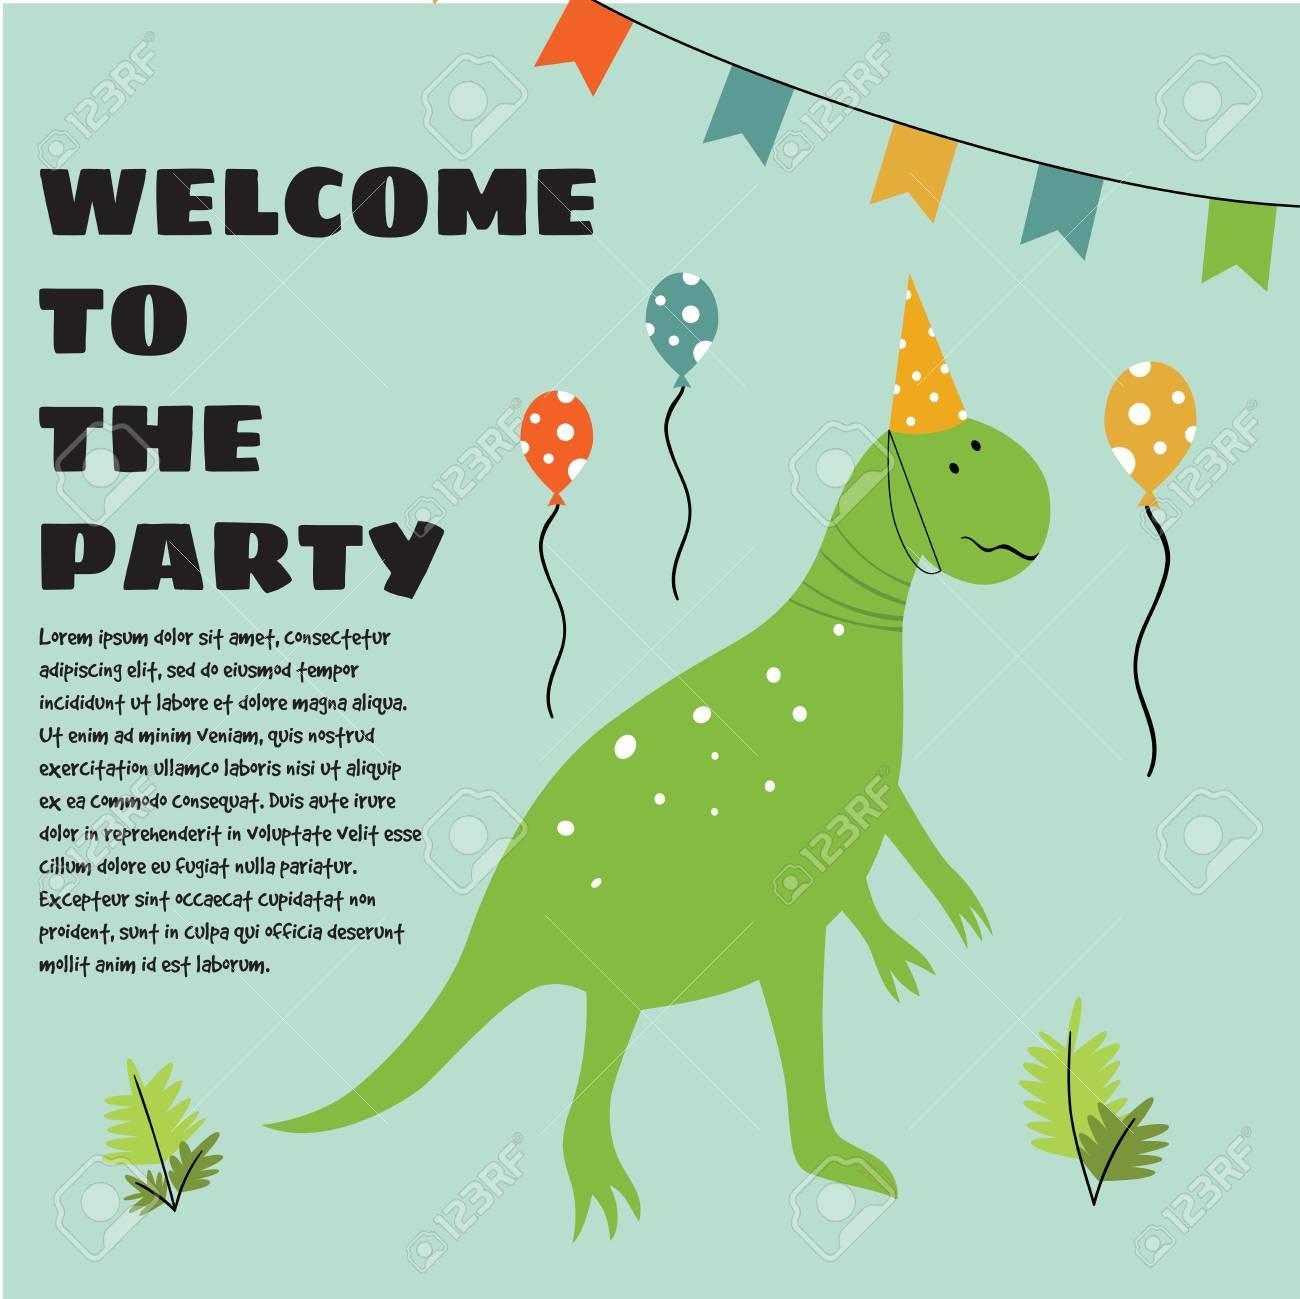 Invitation D Anniversaire Avec Des Elements De Dinosaure Et De Fete Verts De Dessin Anime Clip Art Libres De Droits Vecteurs Et Illustration Image 99943942